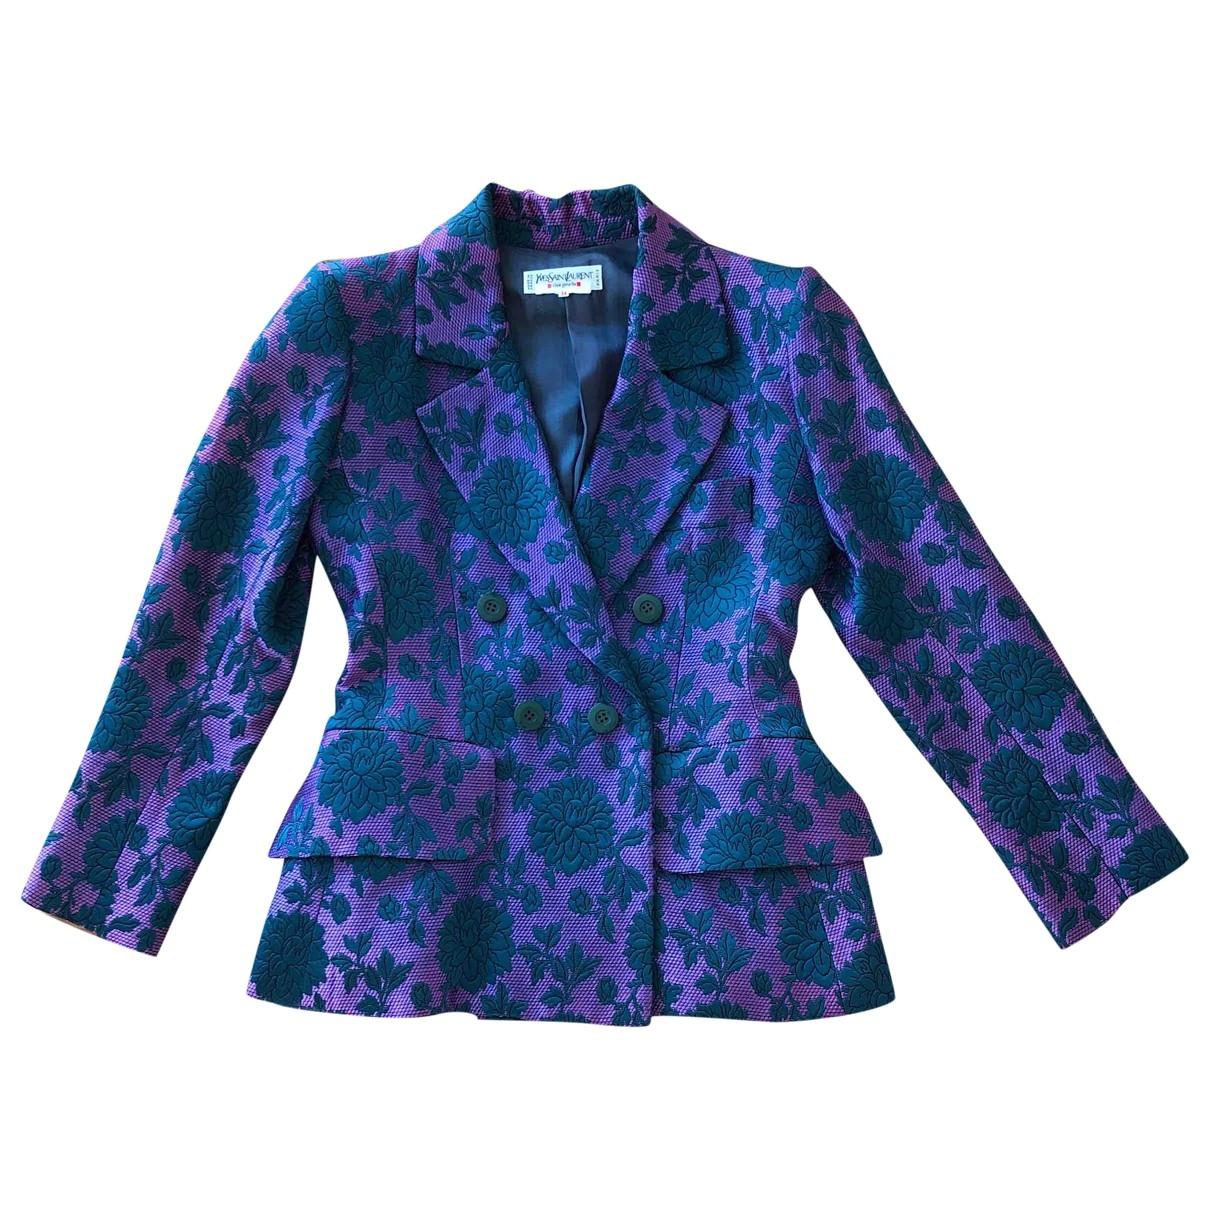 Yves Saint Laurent - Veste   pour femme en soie - multicolore